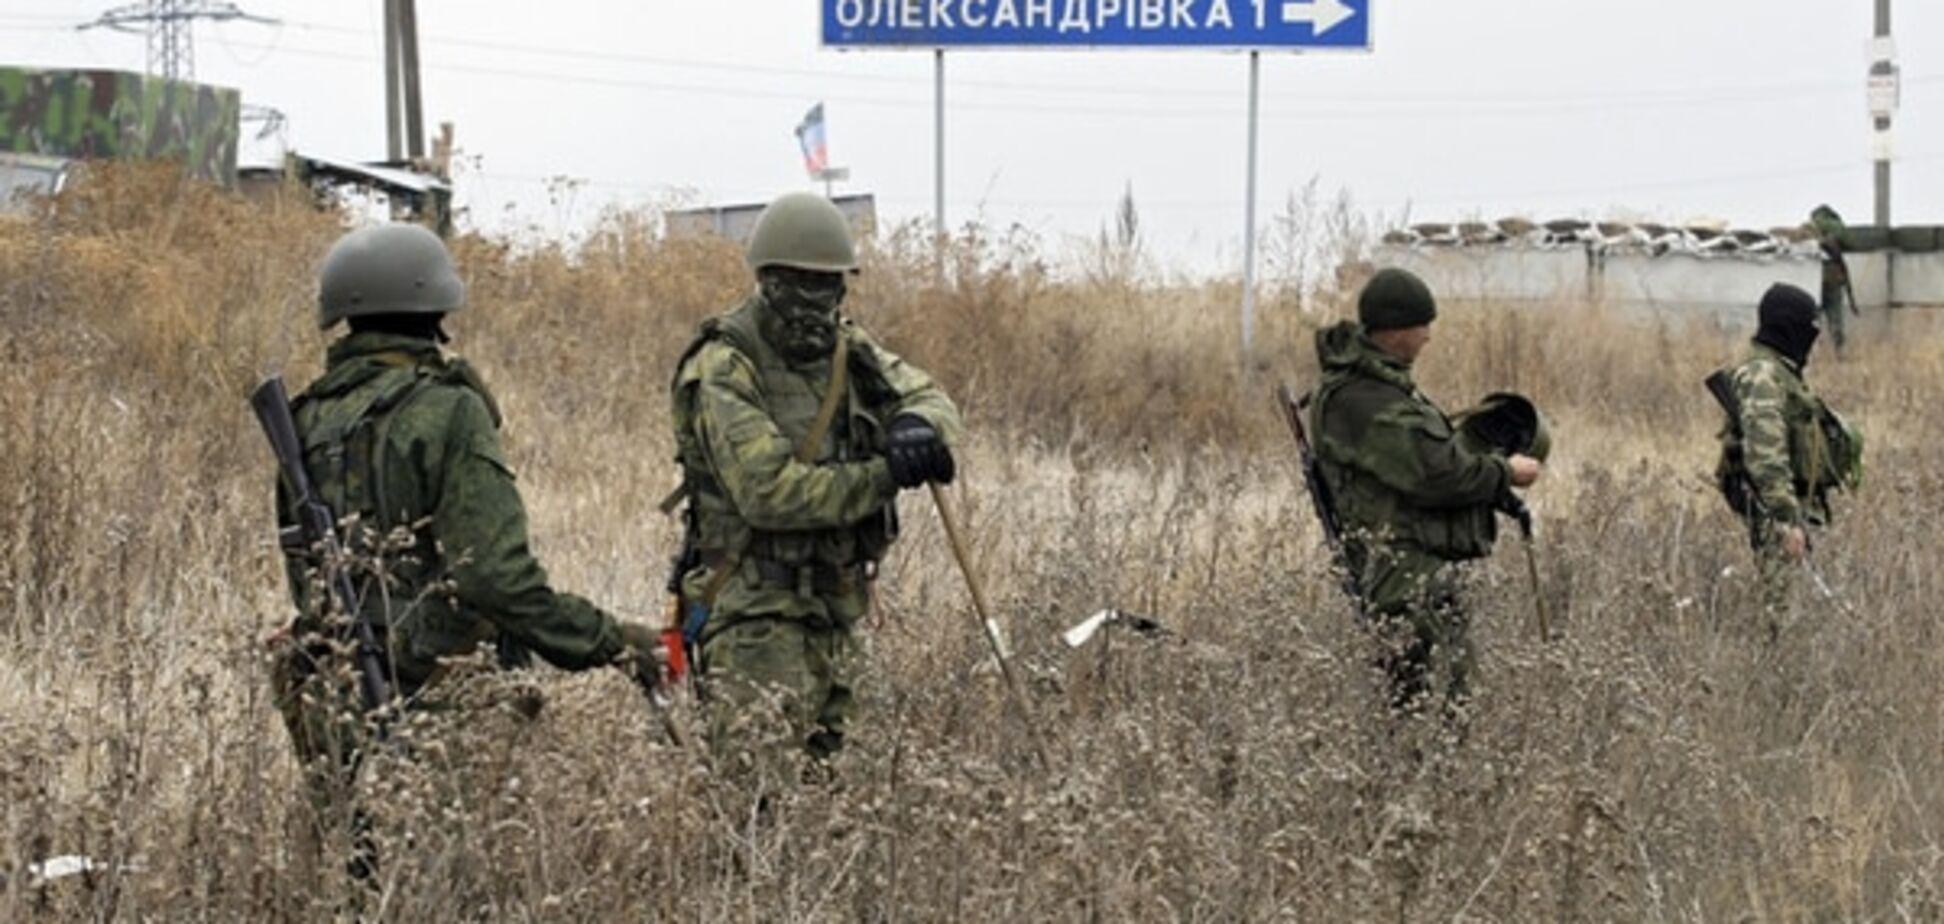 У терористів 'ЛНР' на передовій відібрали документи